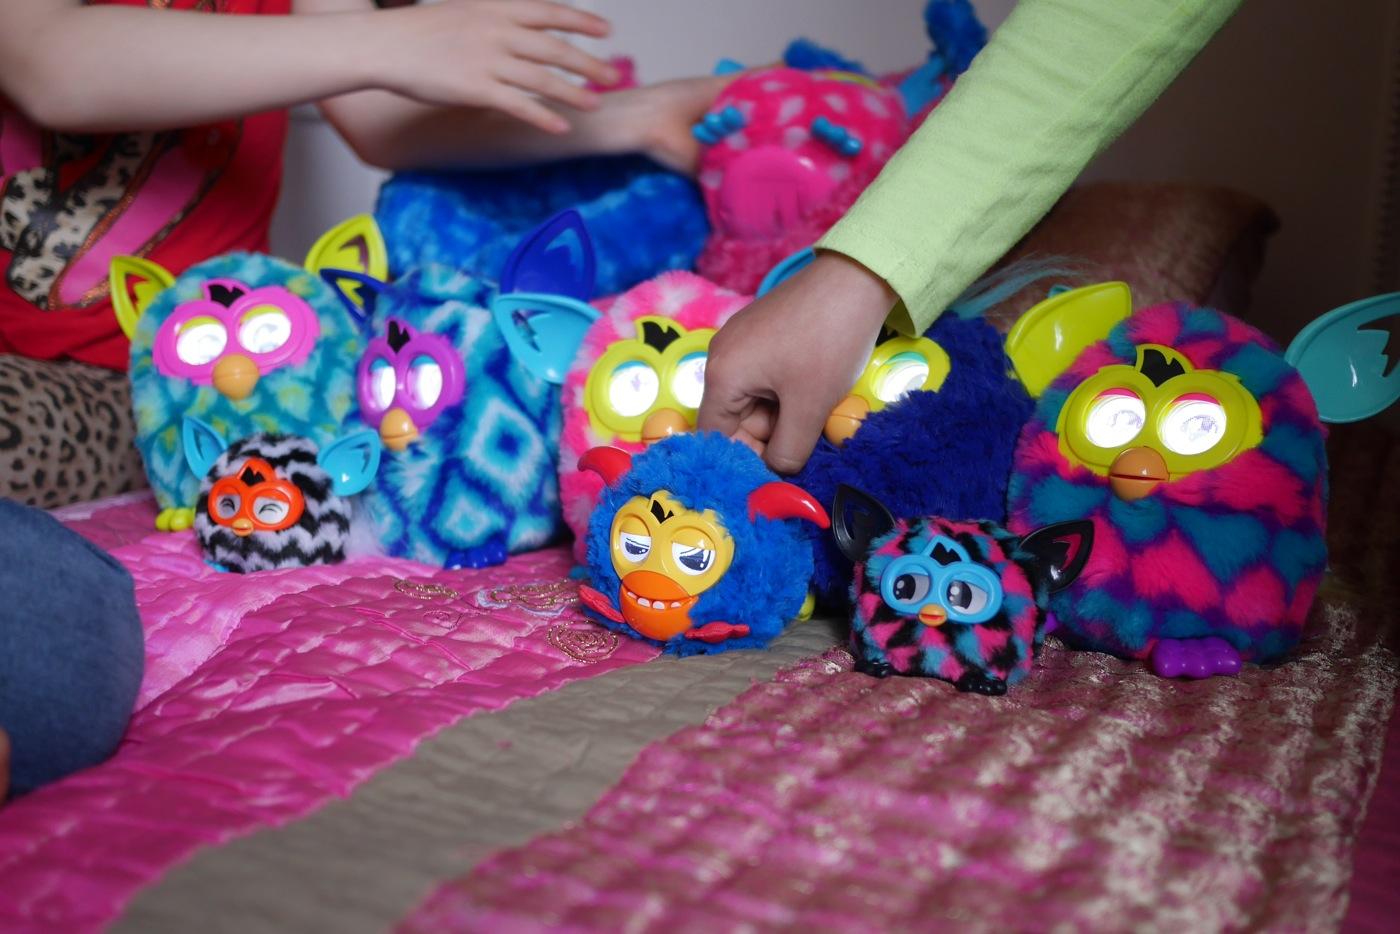 Rassemblement Furby sur la doudou!